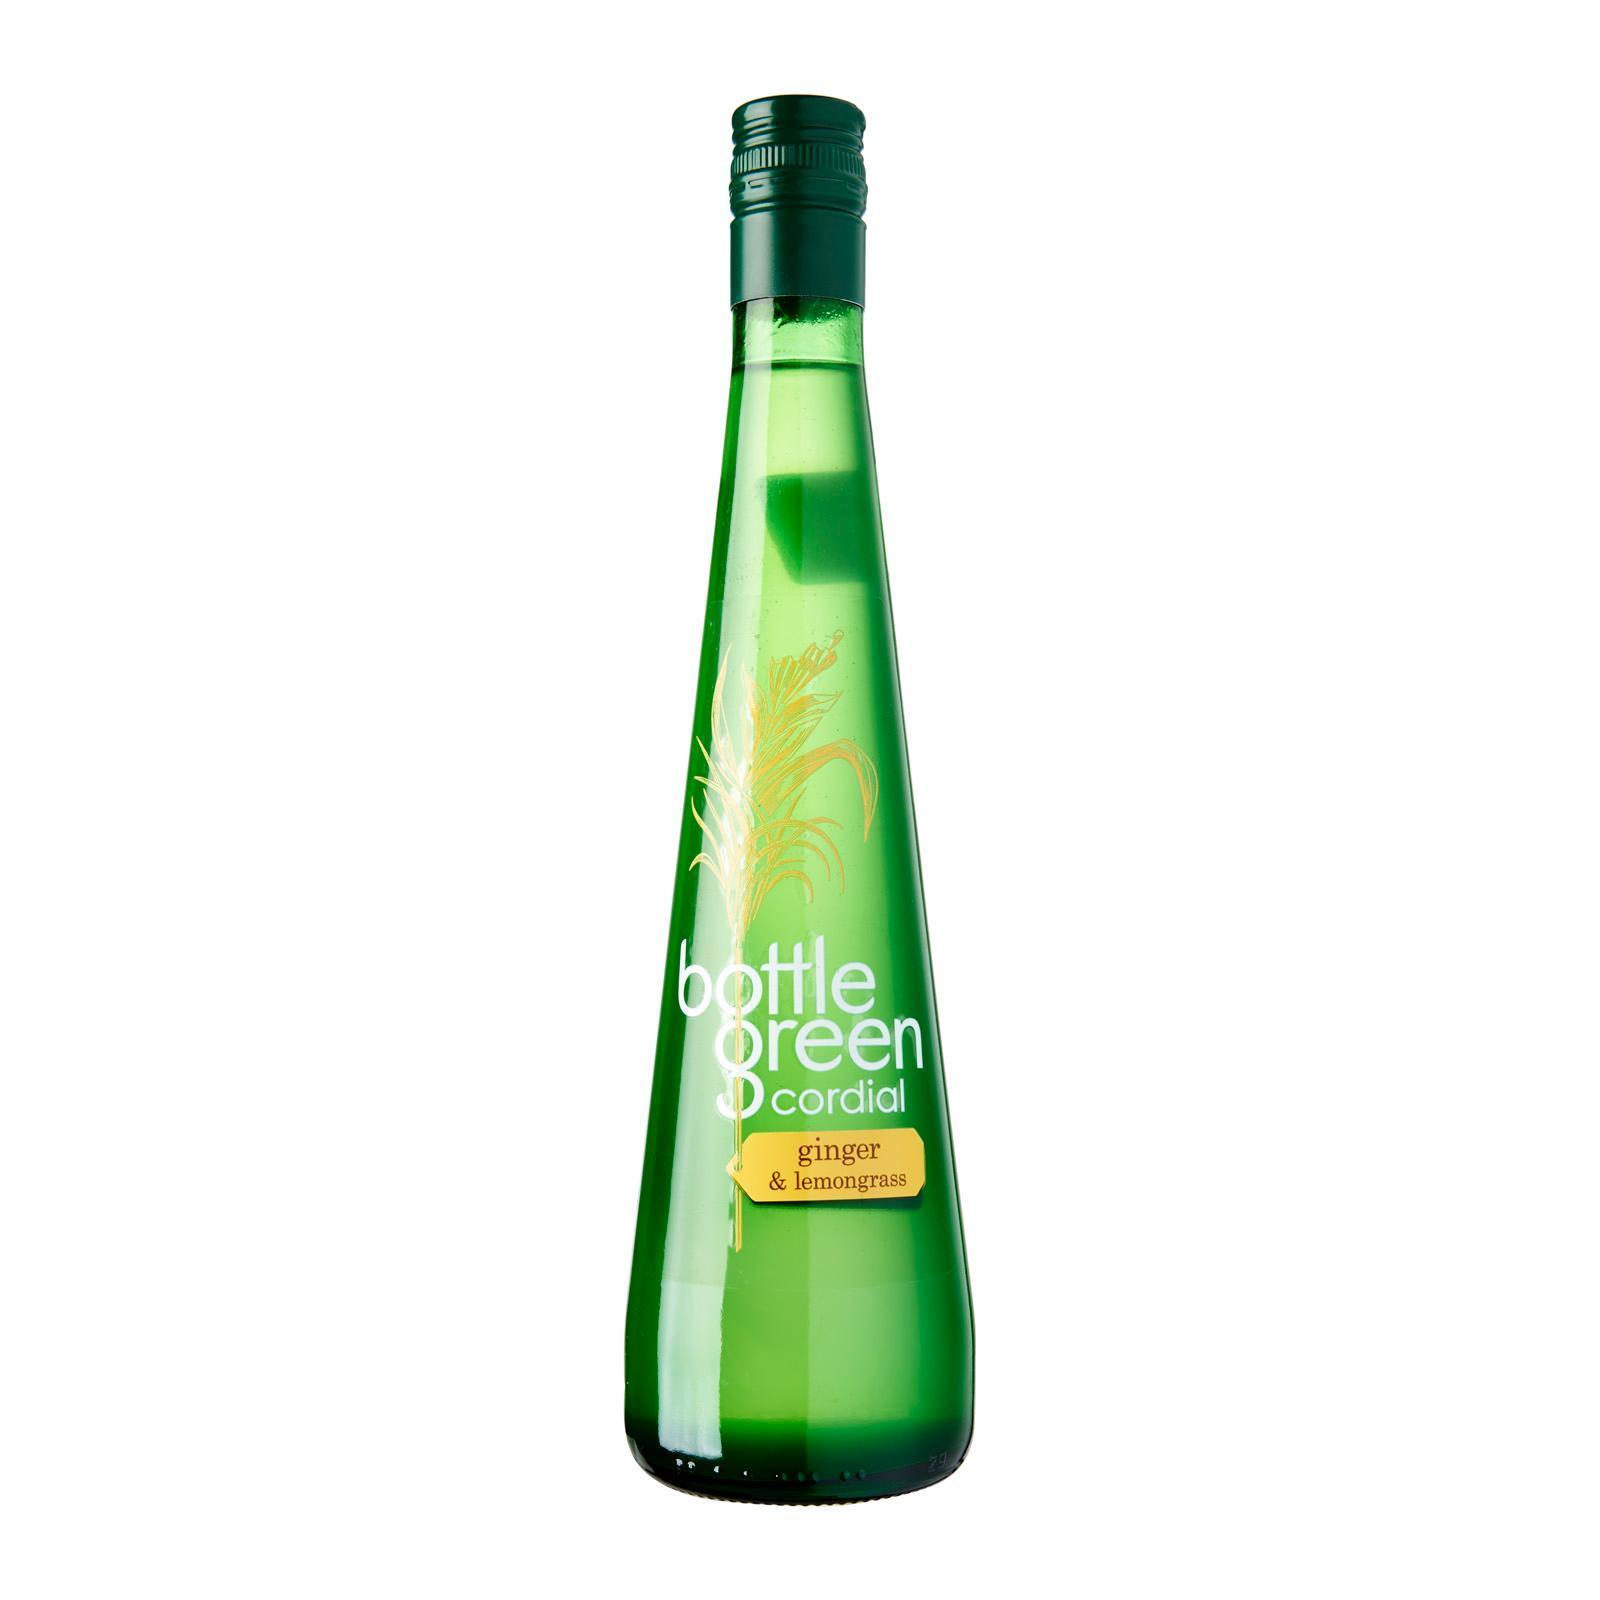 Bottlegreen Ginger and Lemongrass